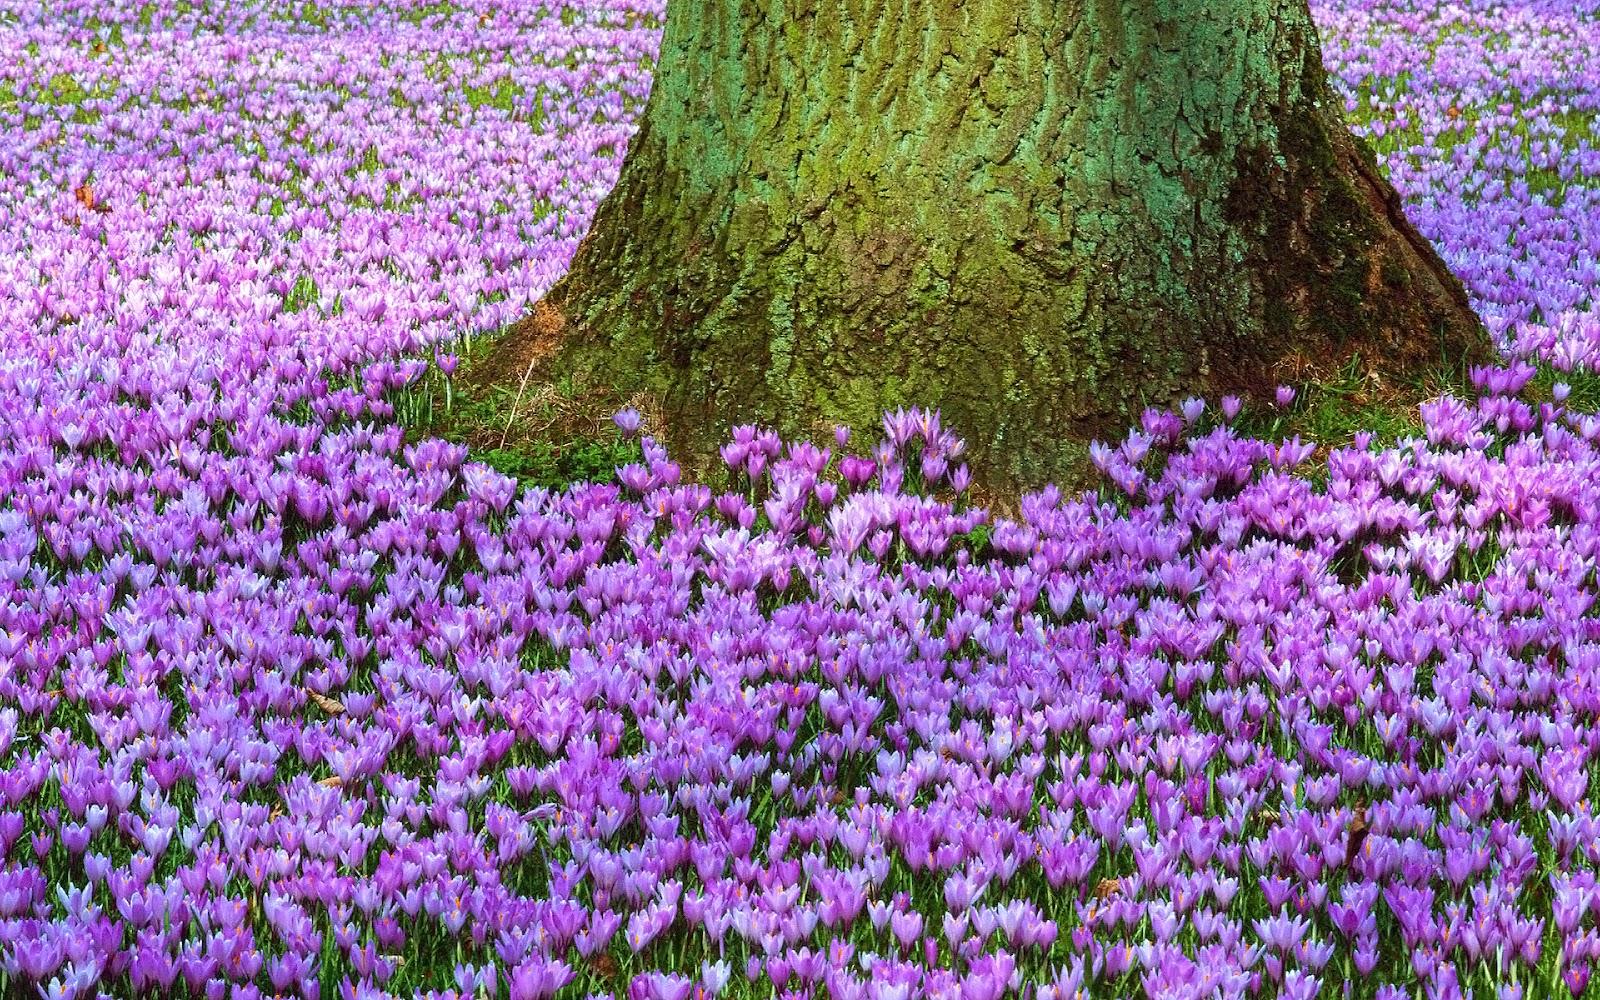 lente achtergronden hd - photo #6